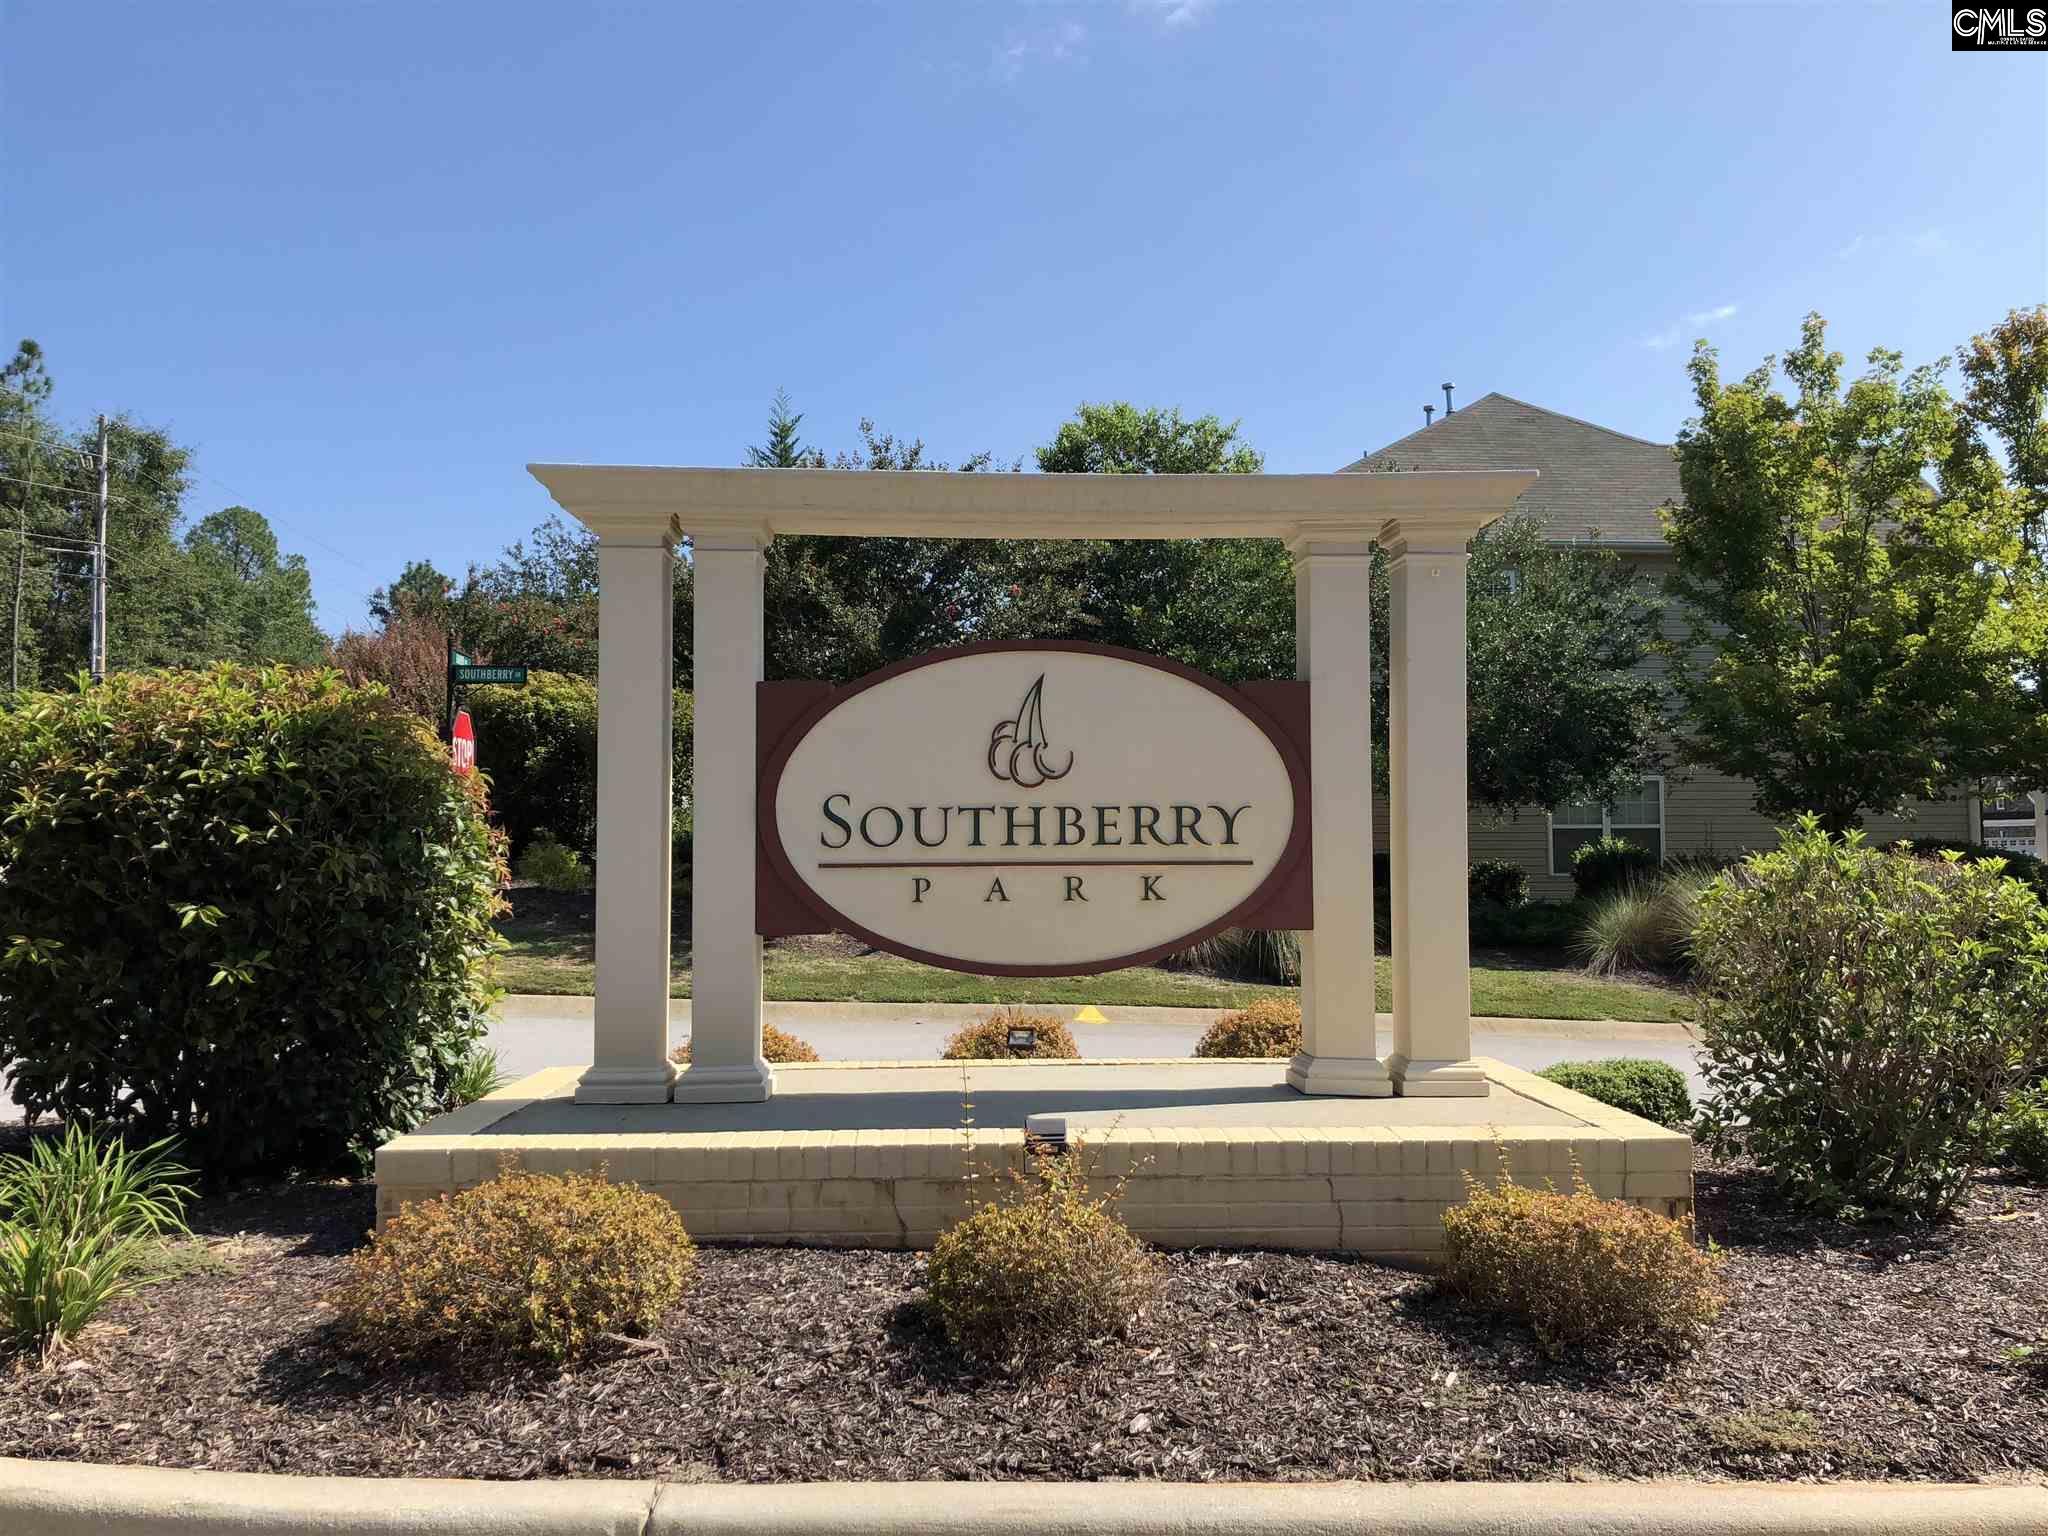 330 Southberry #51 Lexington, SC 29072